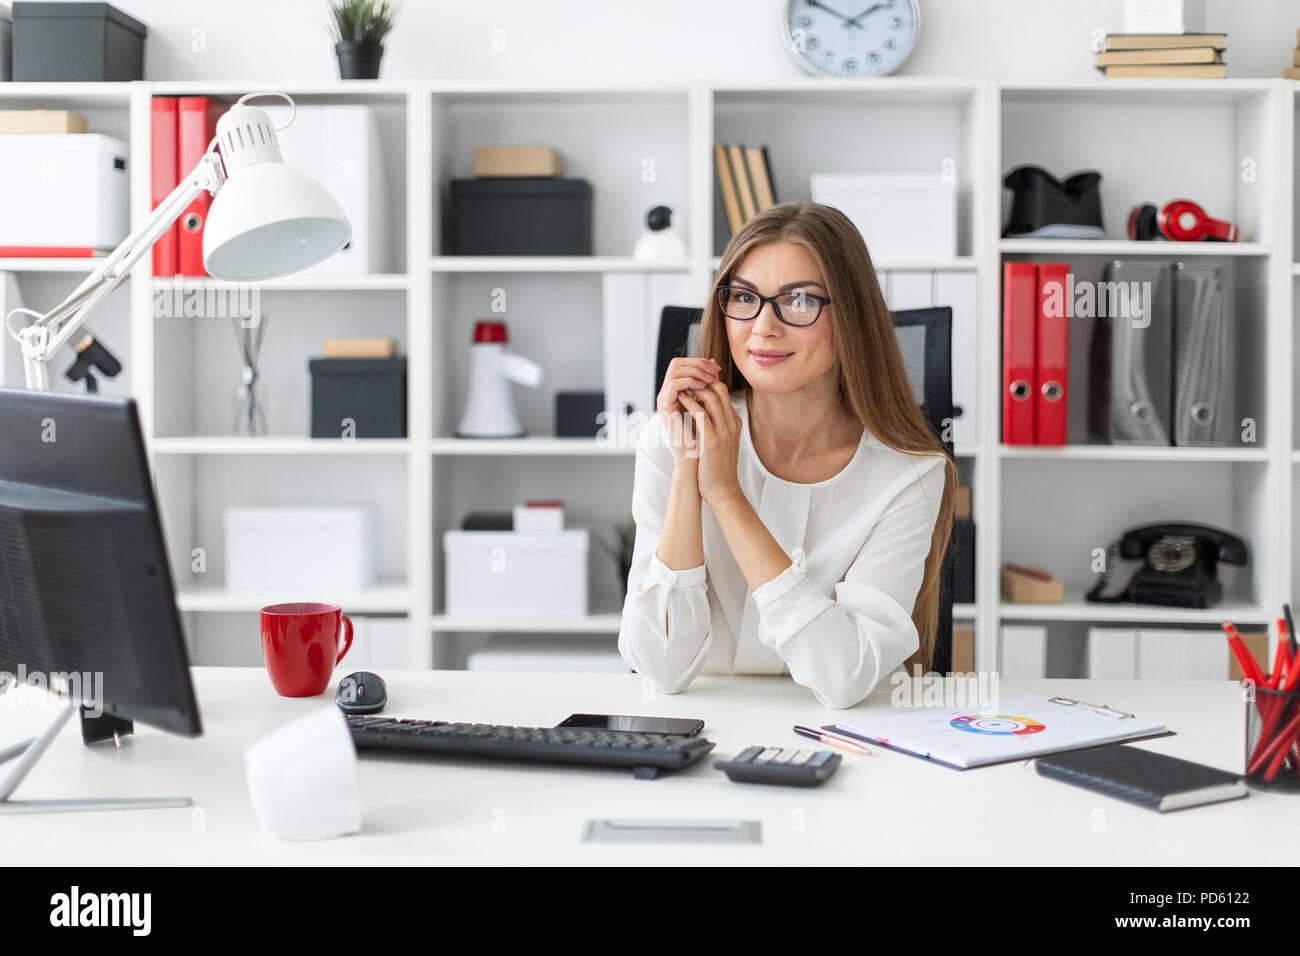 Ein junges Mädchen sitzt am Computer Schreibtisch im Büro. Stockfoto